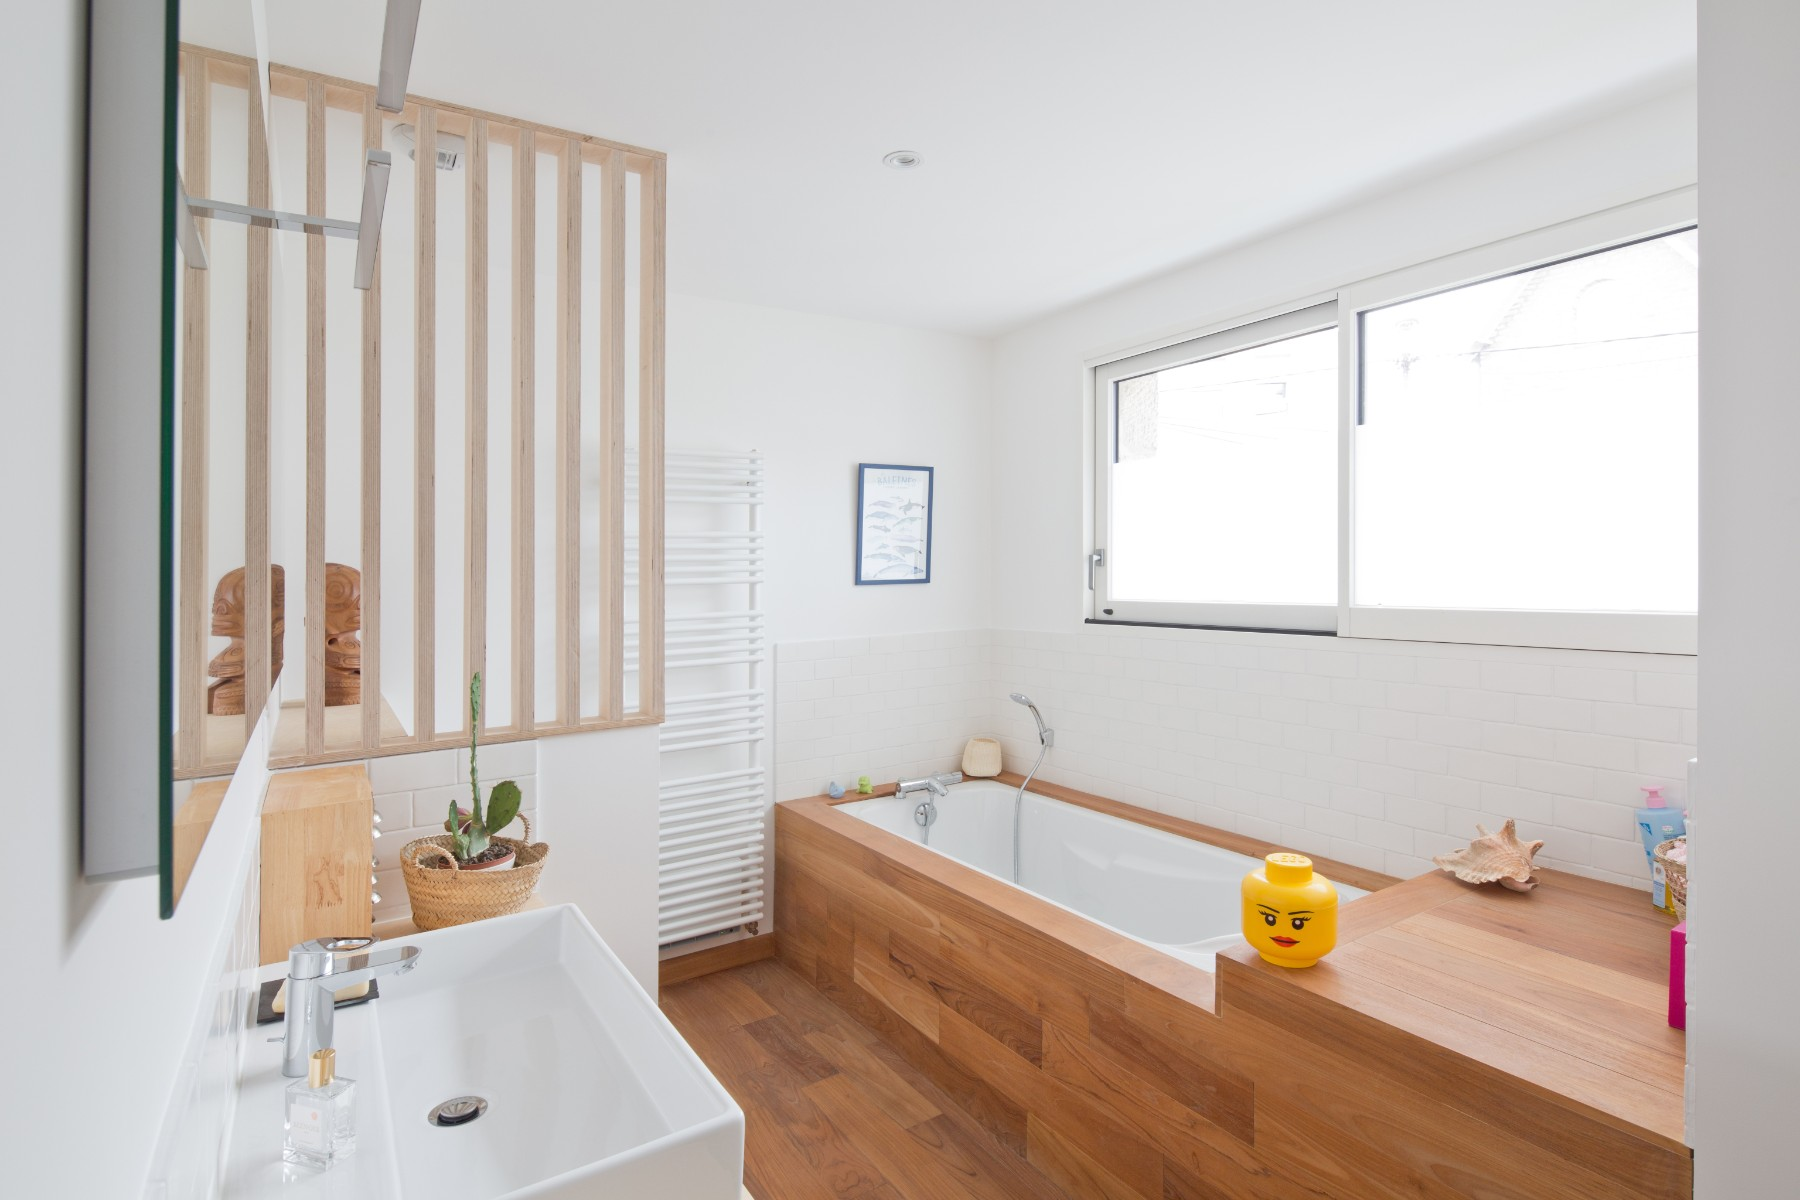 Rénovation d'une maison à Quimper par Archibien et son architecte - la salle de bains